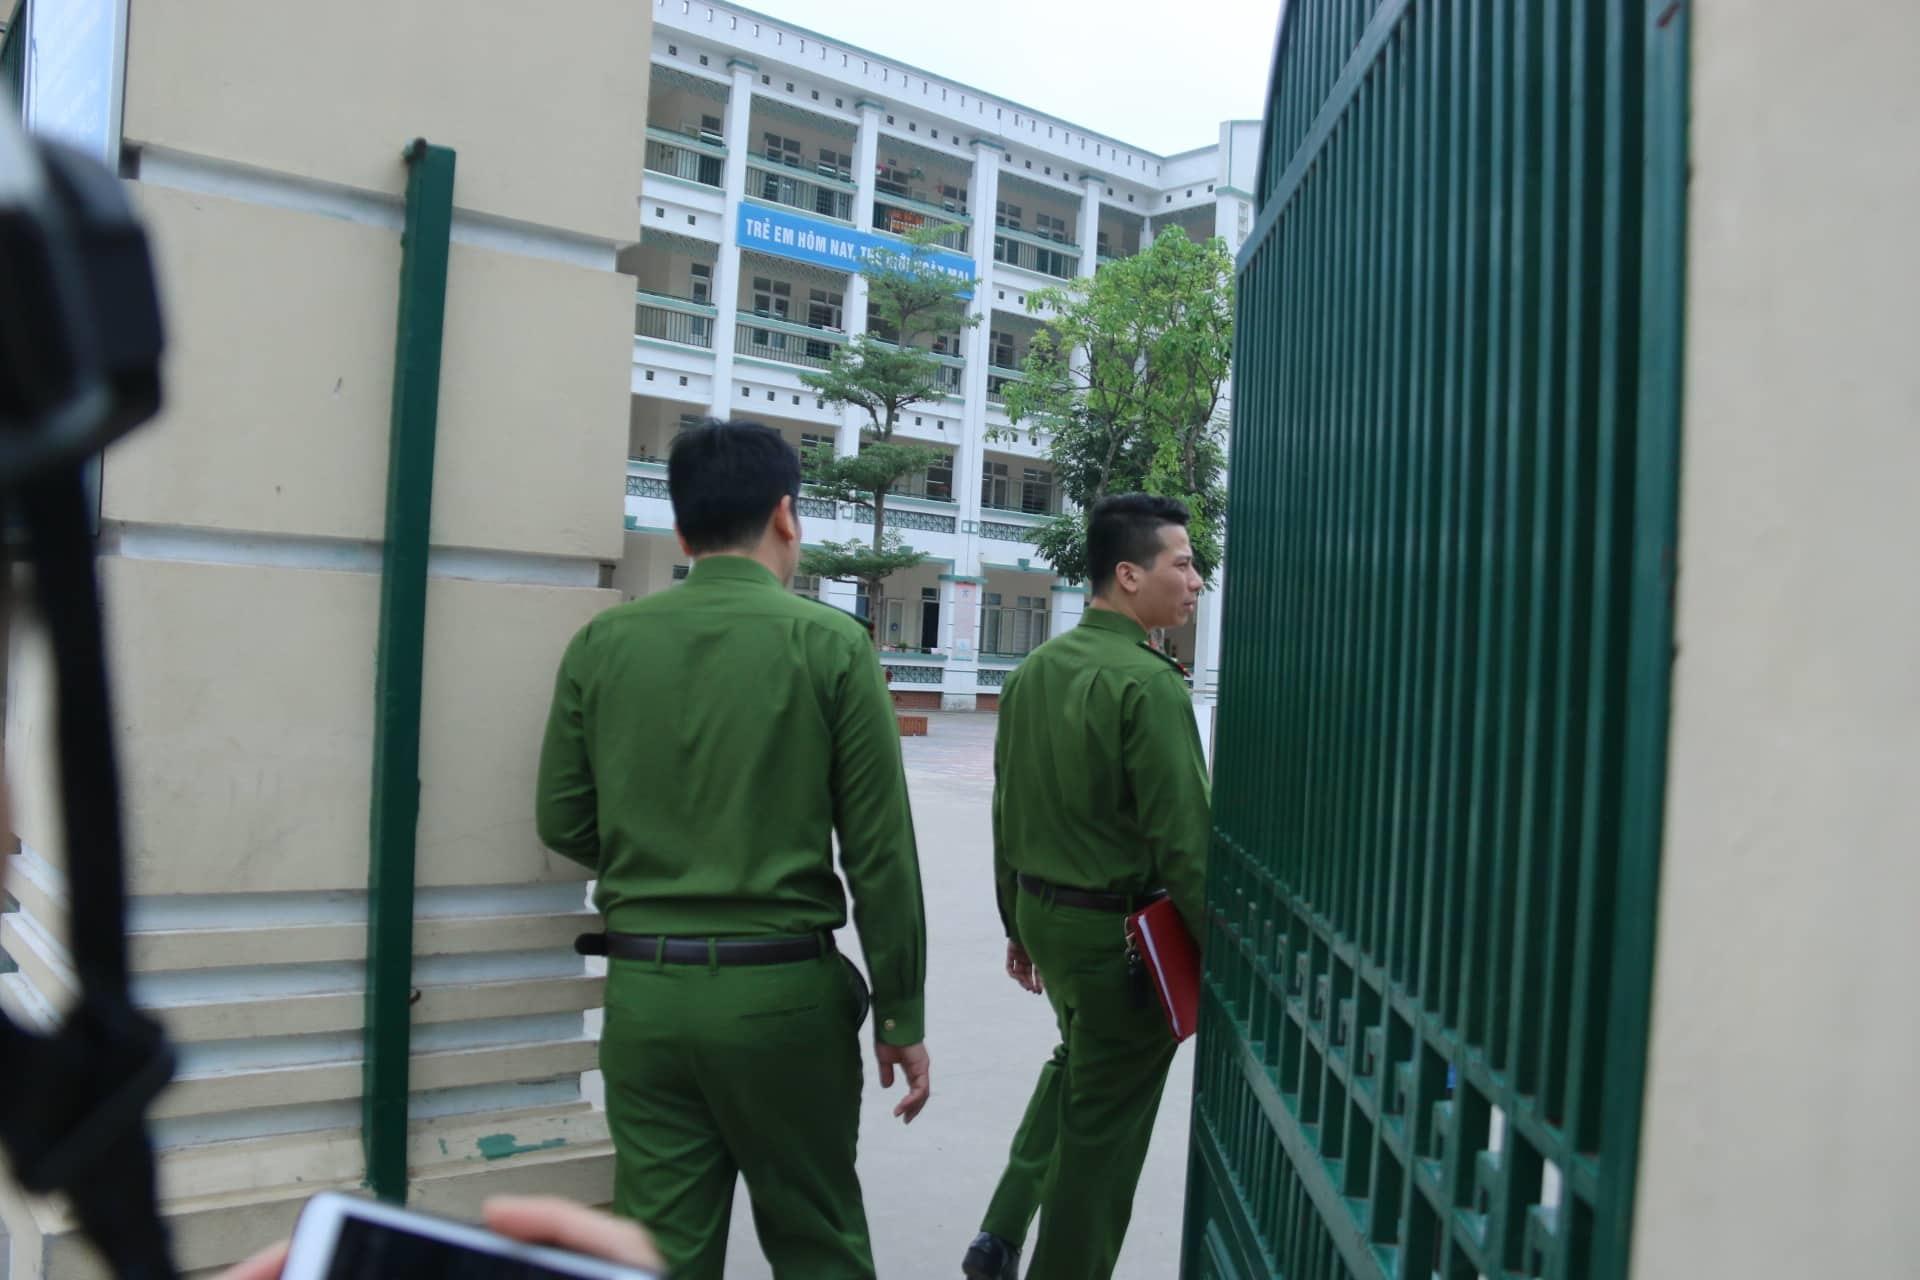 Trường Tiểu học Chu Văn An,bữa ăn bán trú,Thực phẩm bẩn